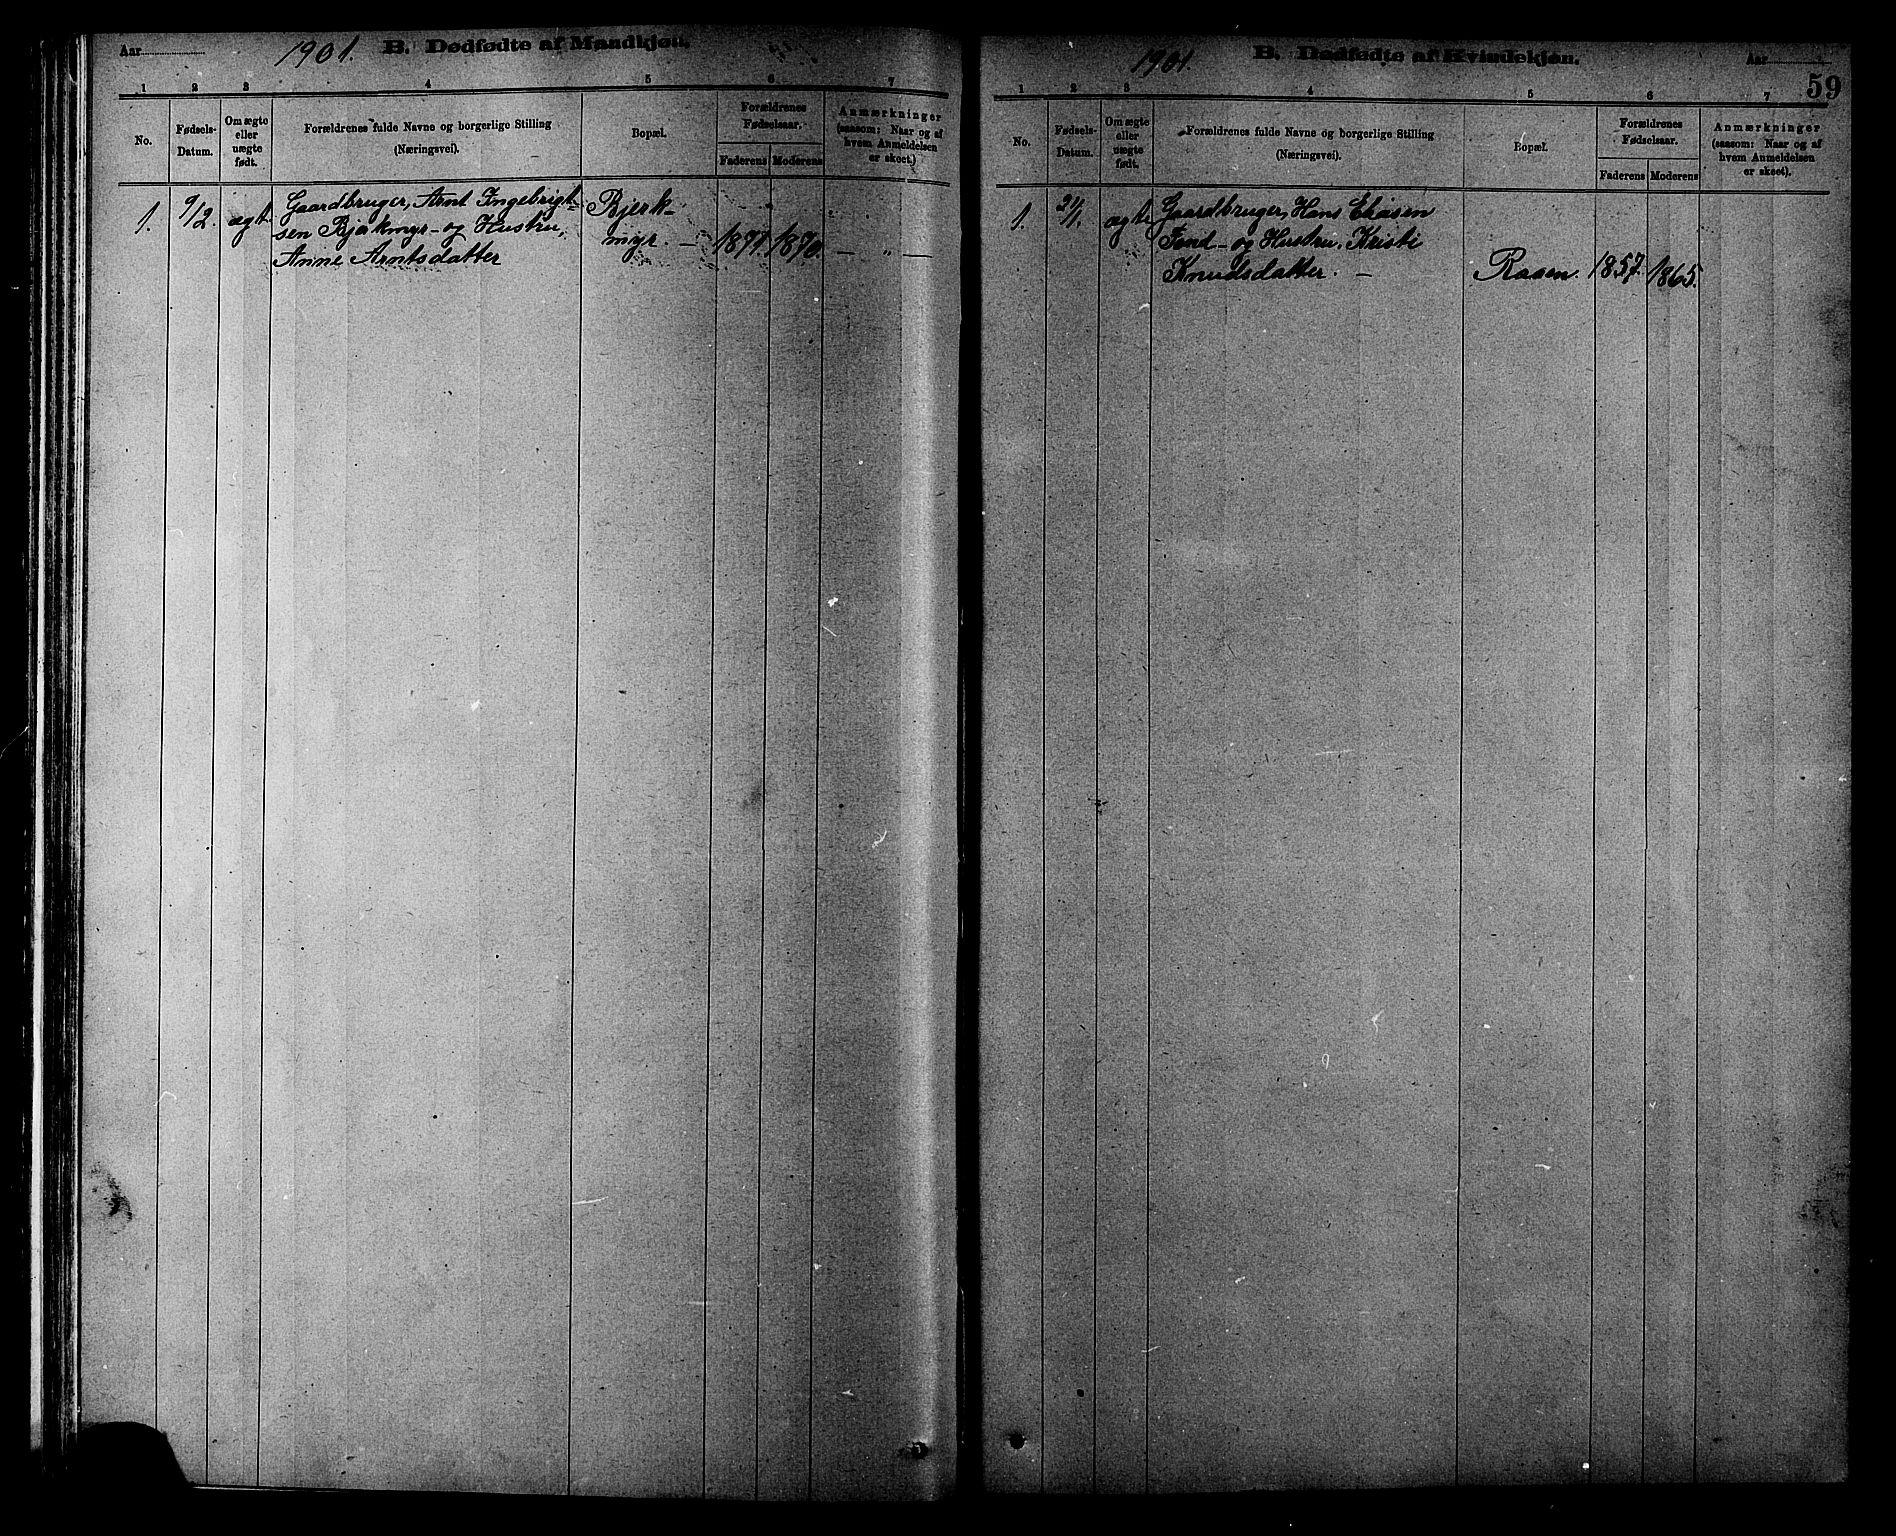 SAT, Ministerialprotokoller, klokkerbøker og fødselsregistre - Sør-Trøndelag, 608/L0341: Klokkerbok nr. 608C07, 1890-1912, s. 59